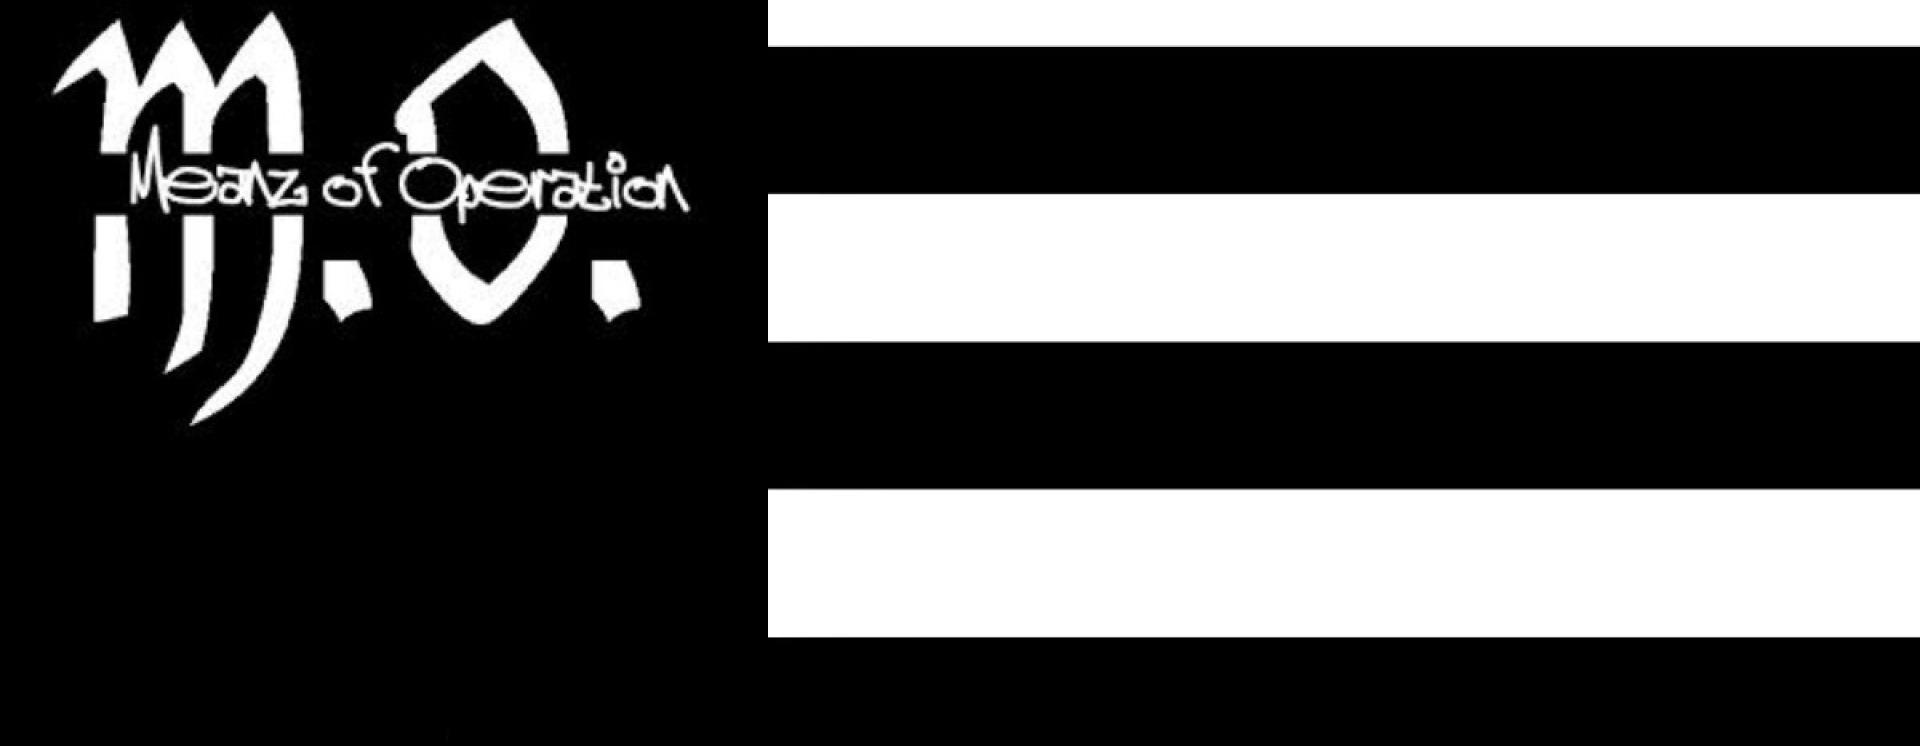 1422061238 meanz flag copy